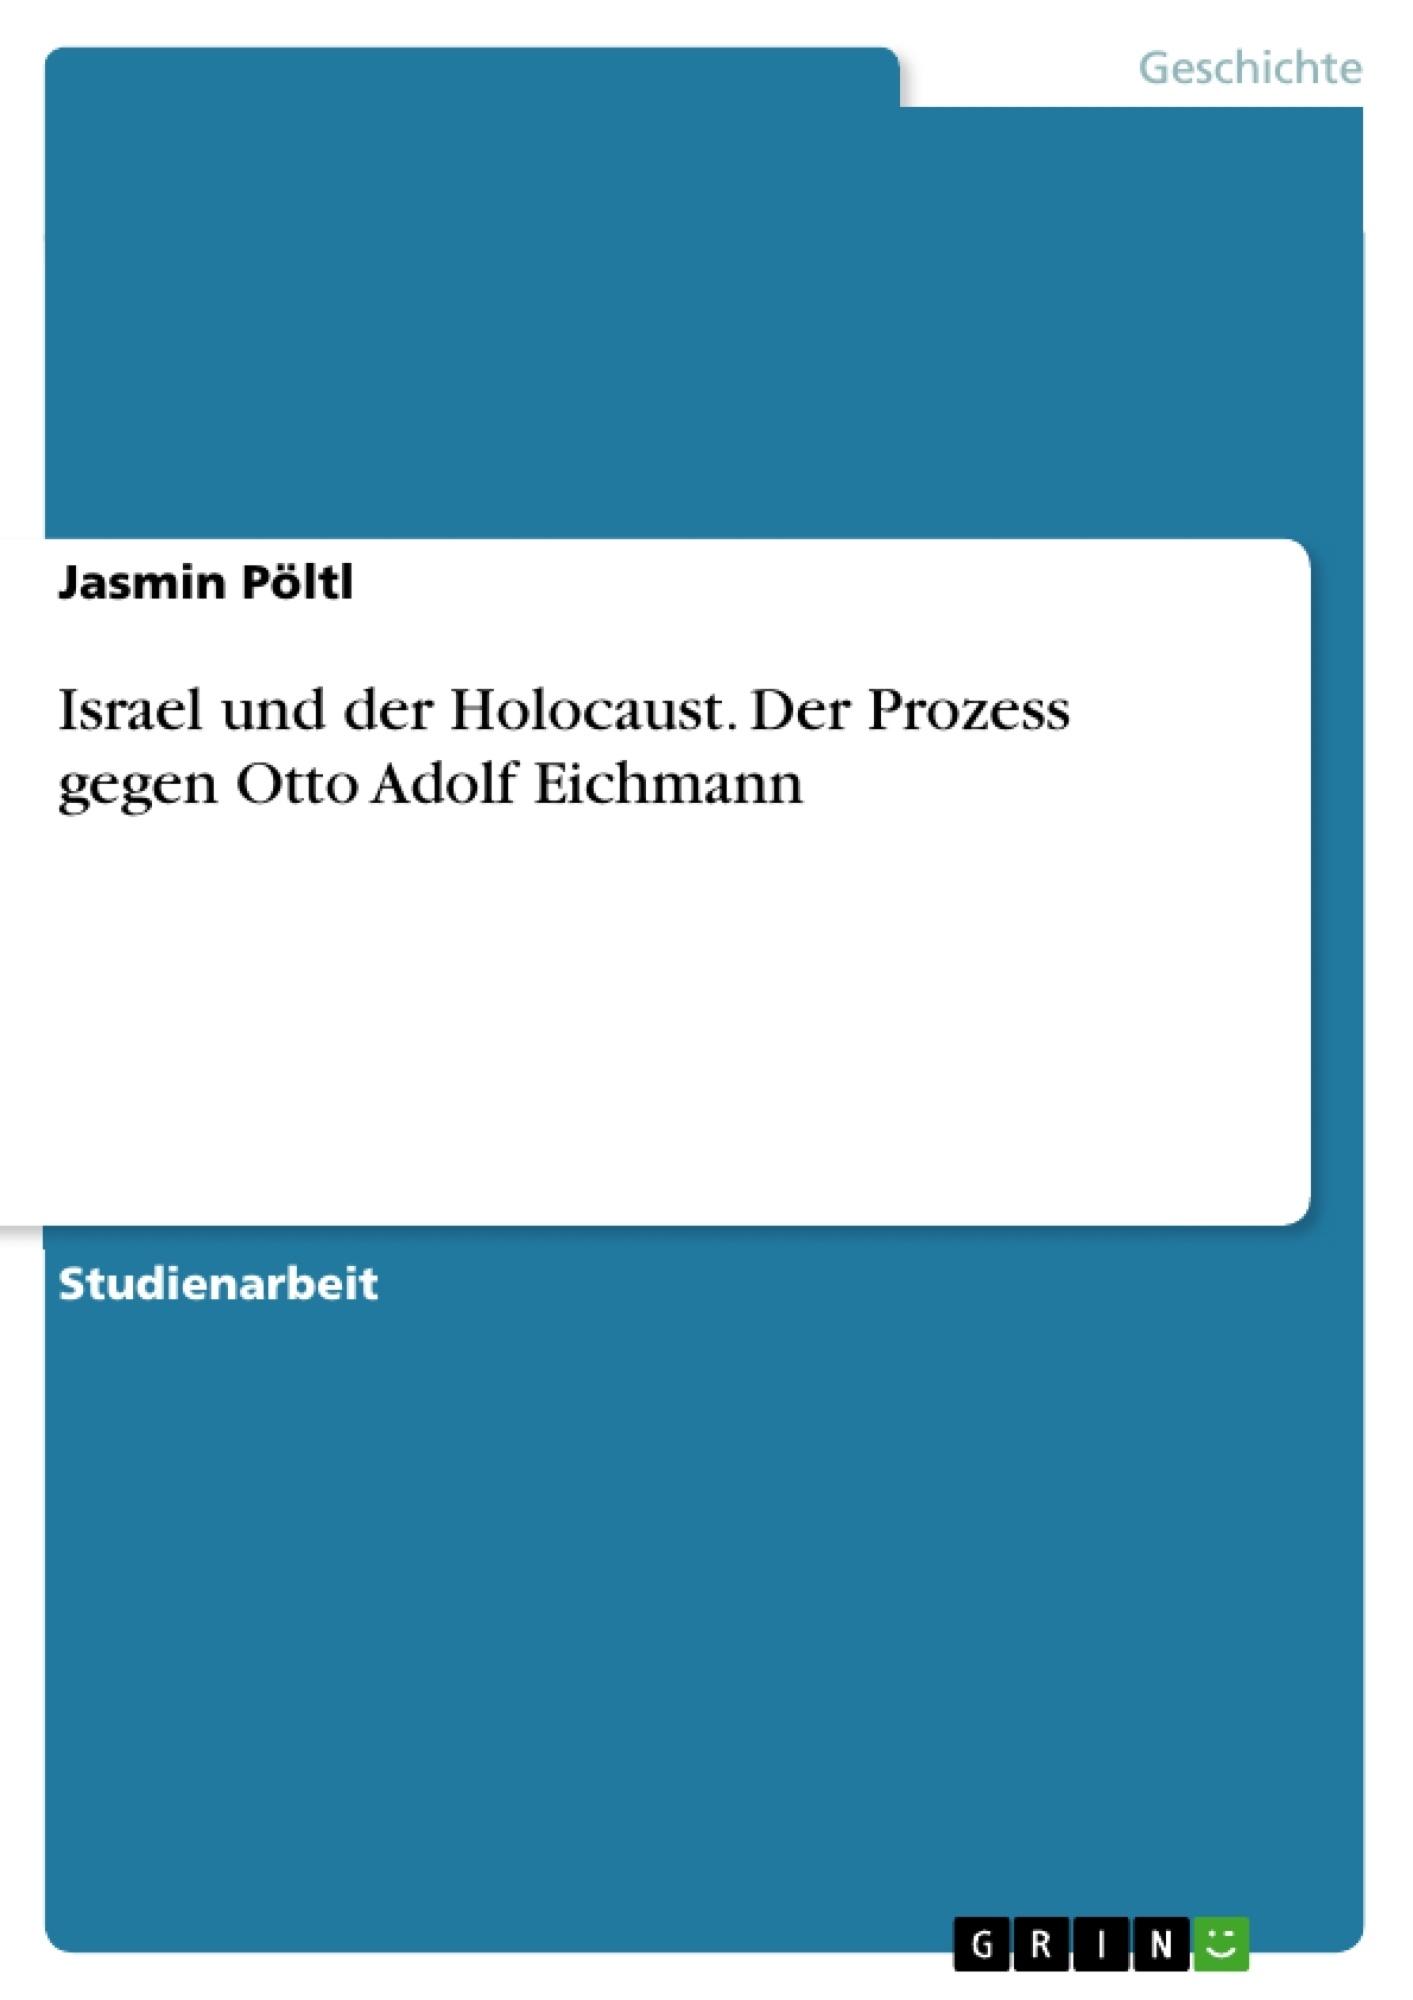 Titel: Israel und der Holocaust. Der Prozess gegen Otto Adolf Eichmann